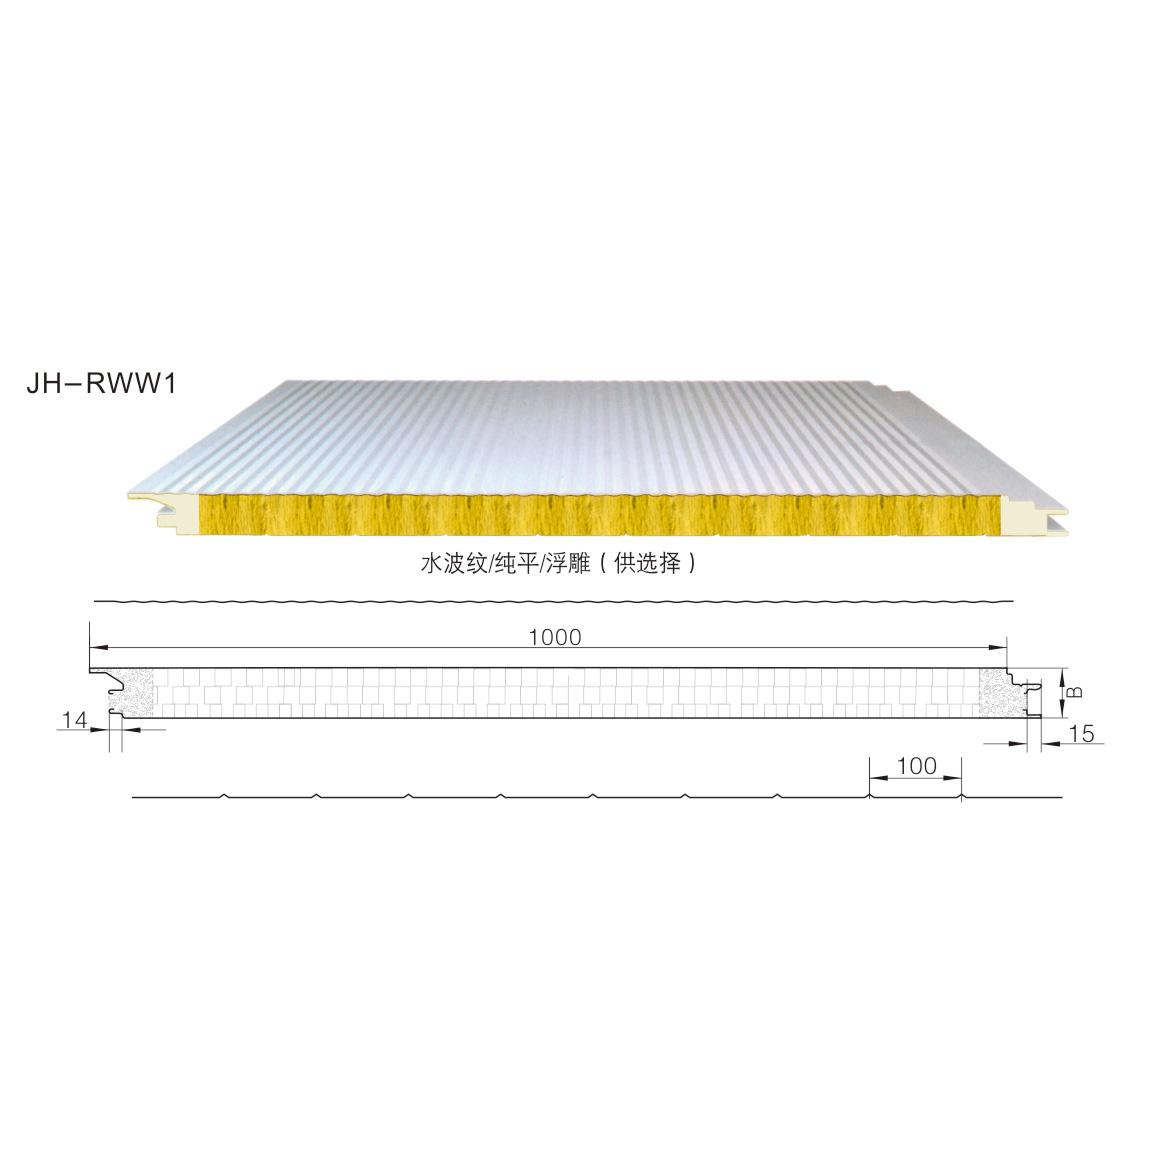 聚氨酯封边玻璃丝棉屋面夹芯板JH-RWW1